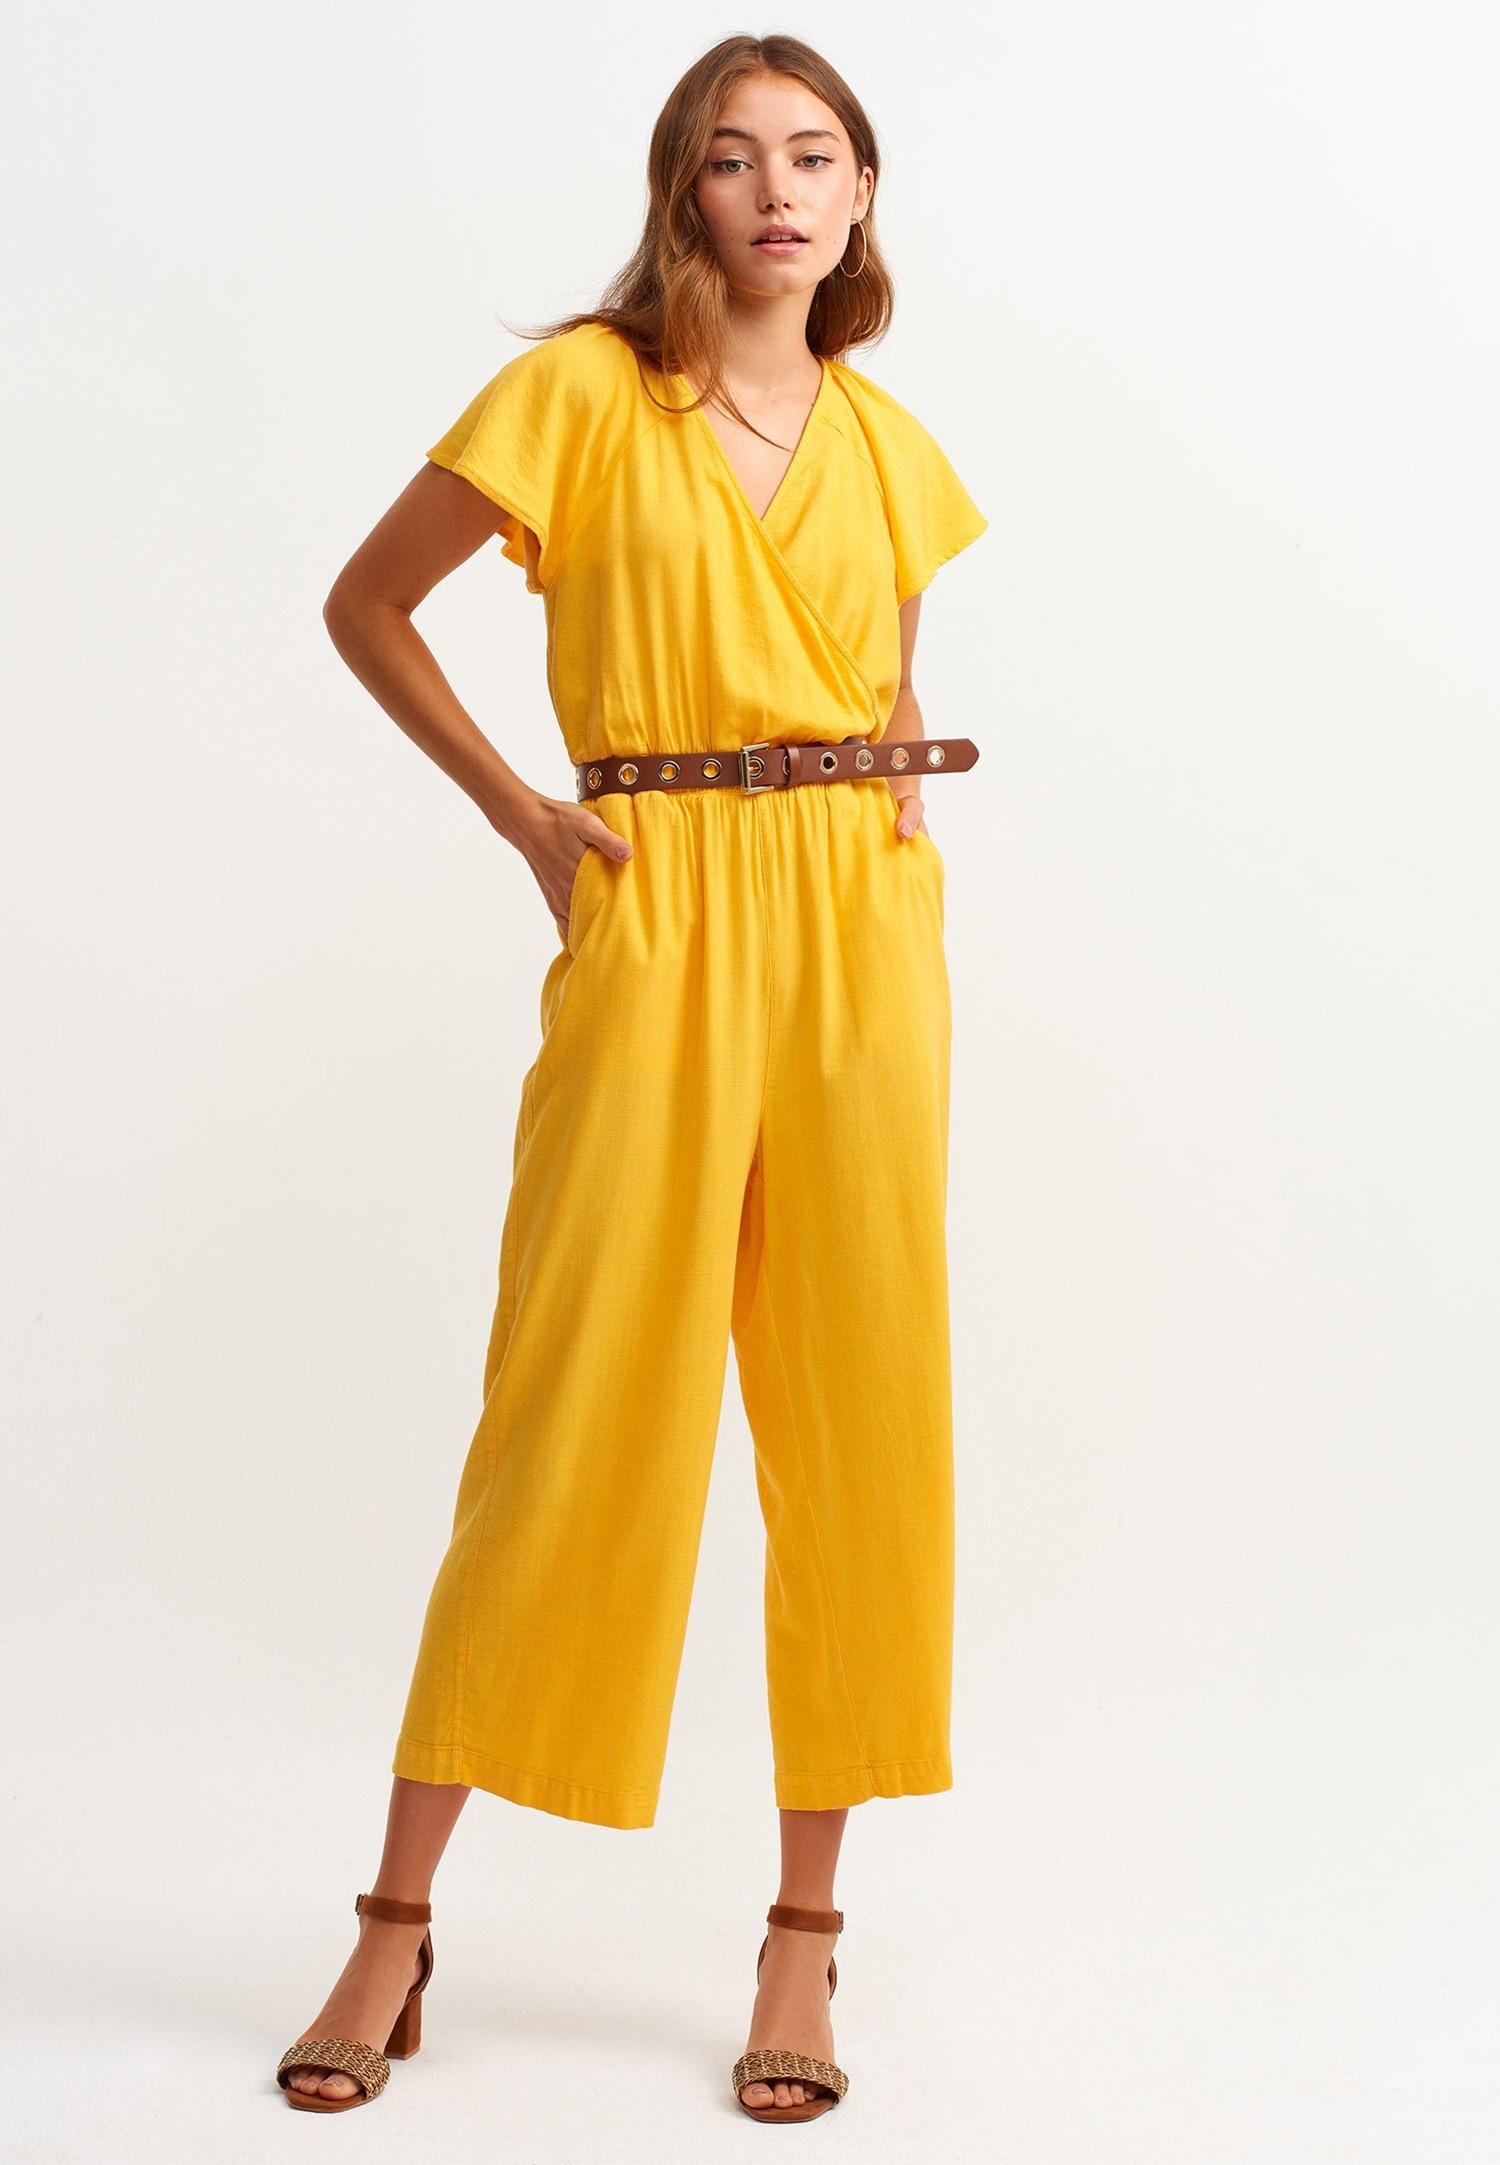 OXXO Overall, mit Volant Ärmeln gelb Damen Overalls H-Typ Figurtyp-Beratung Overall